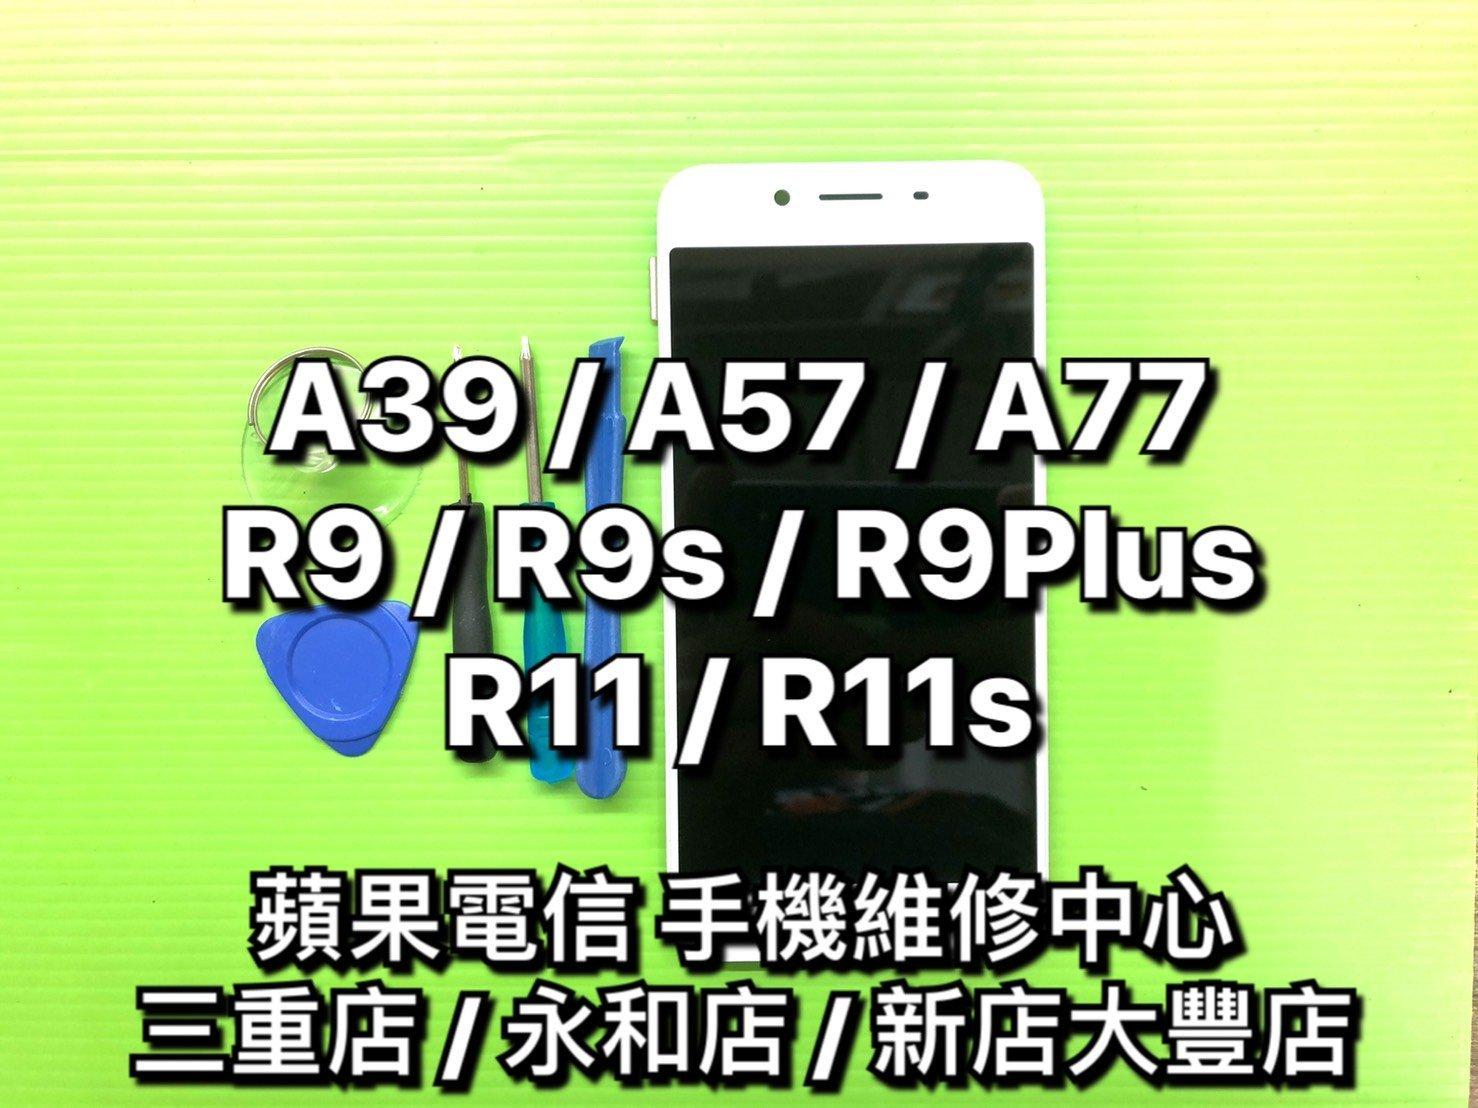 【現場維修】OPPO A39 A57 A77 R9 R9plus R9S R9Splus R11 R11S 液晶螢幕